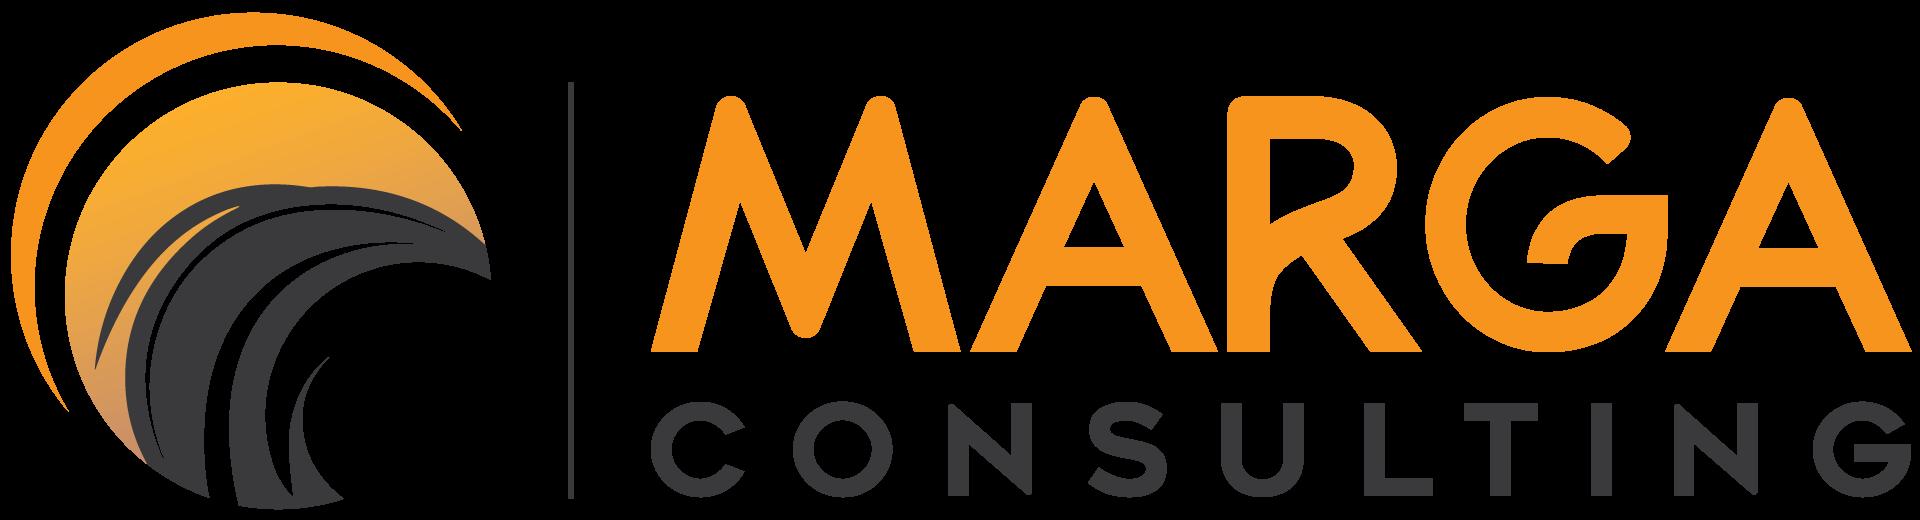 Marga Consulting